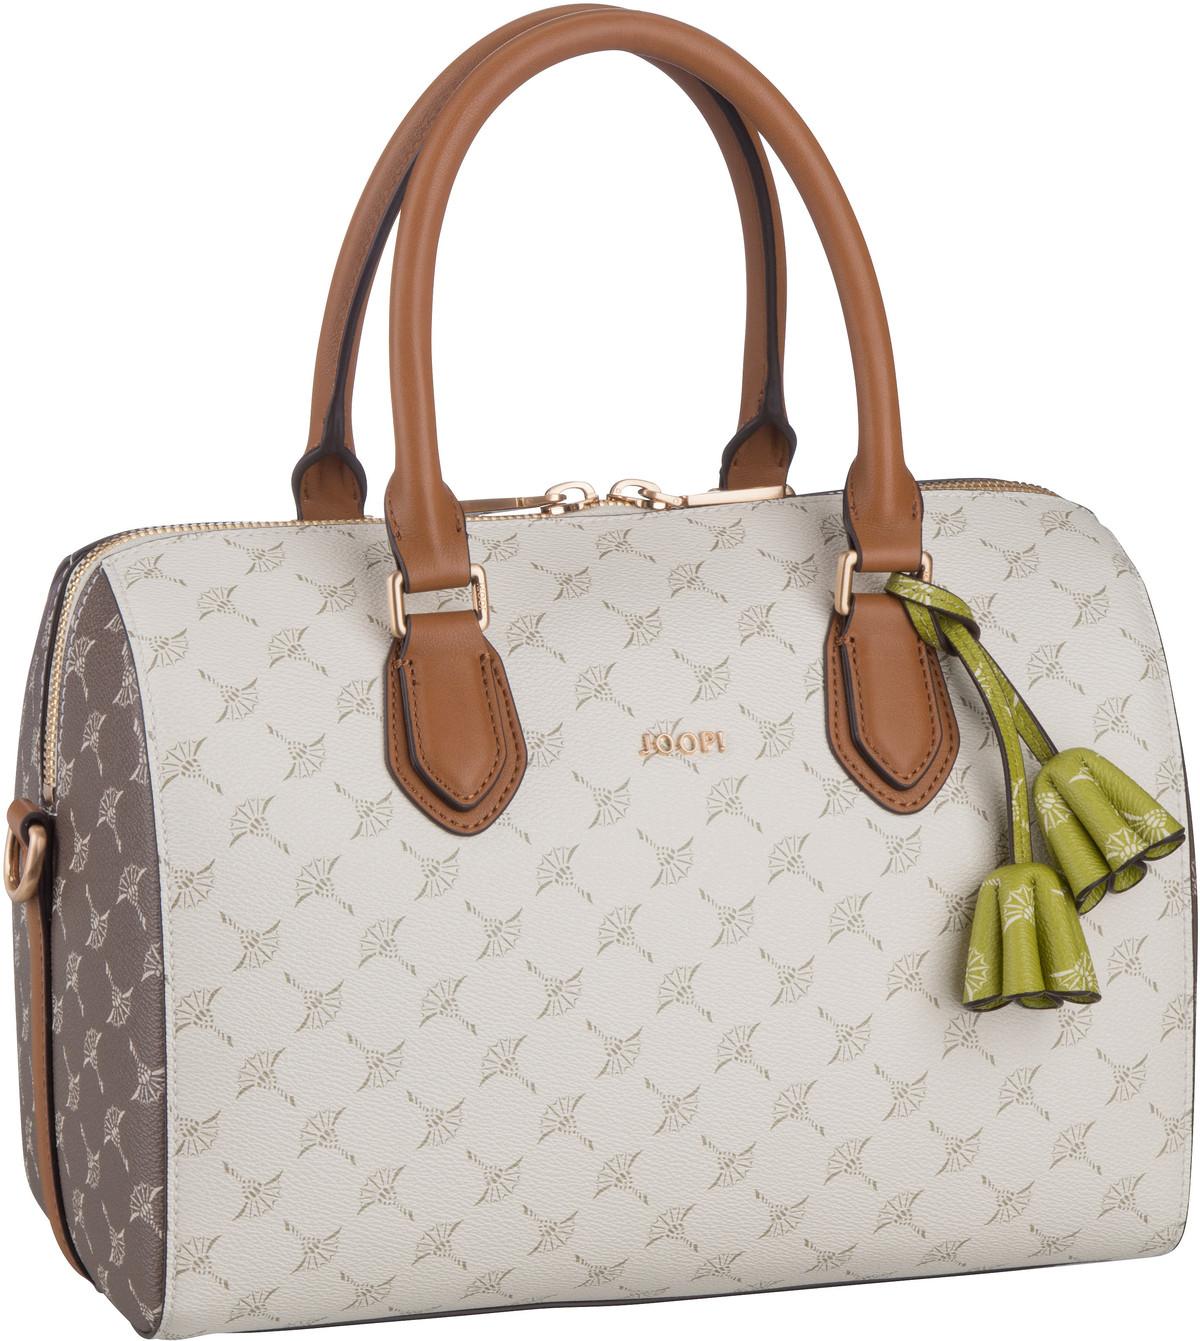 Handtasche Cortina Misto Aurora HandBag SHZ Offwhite